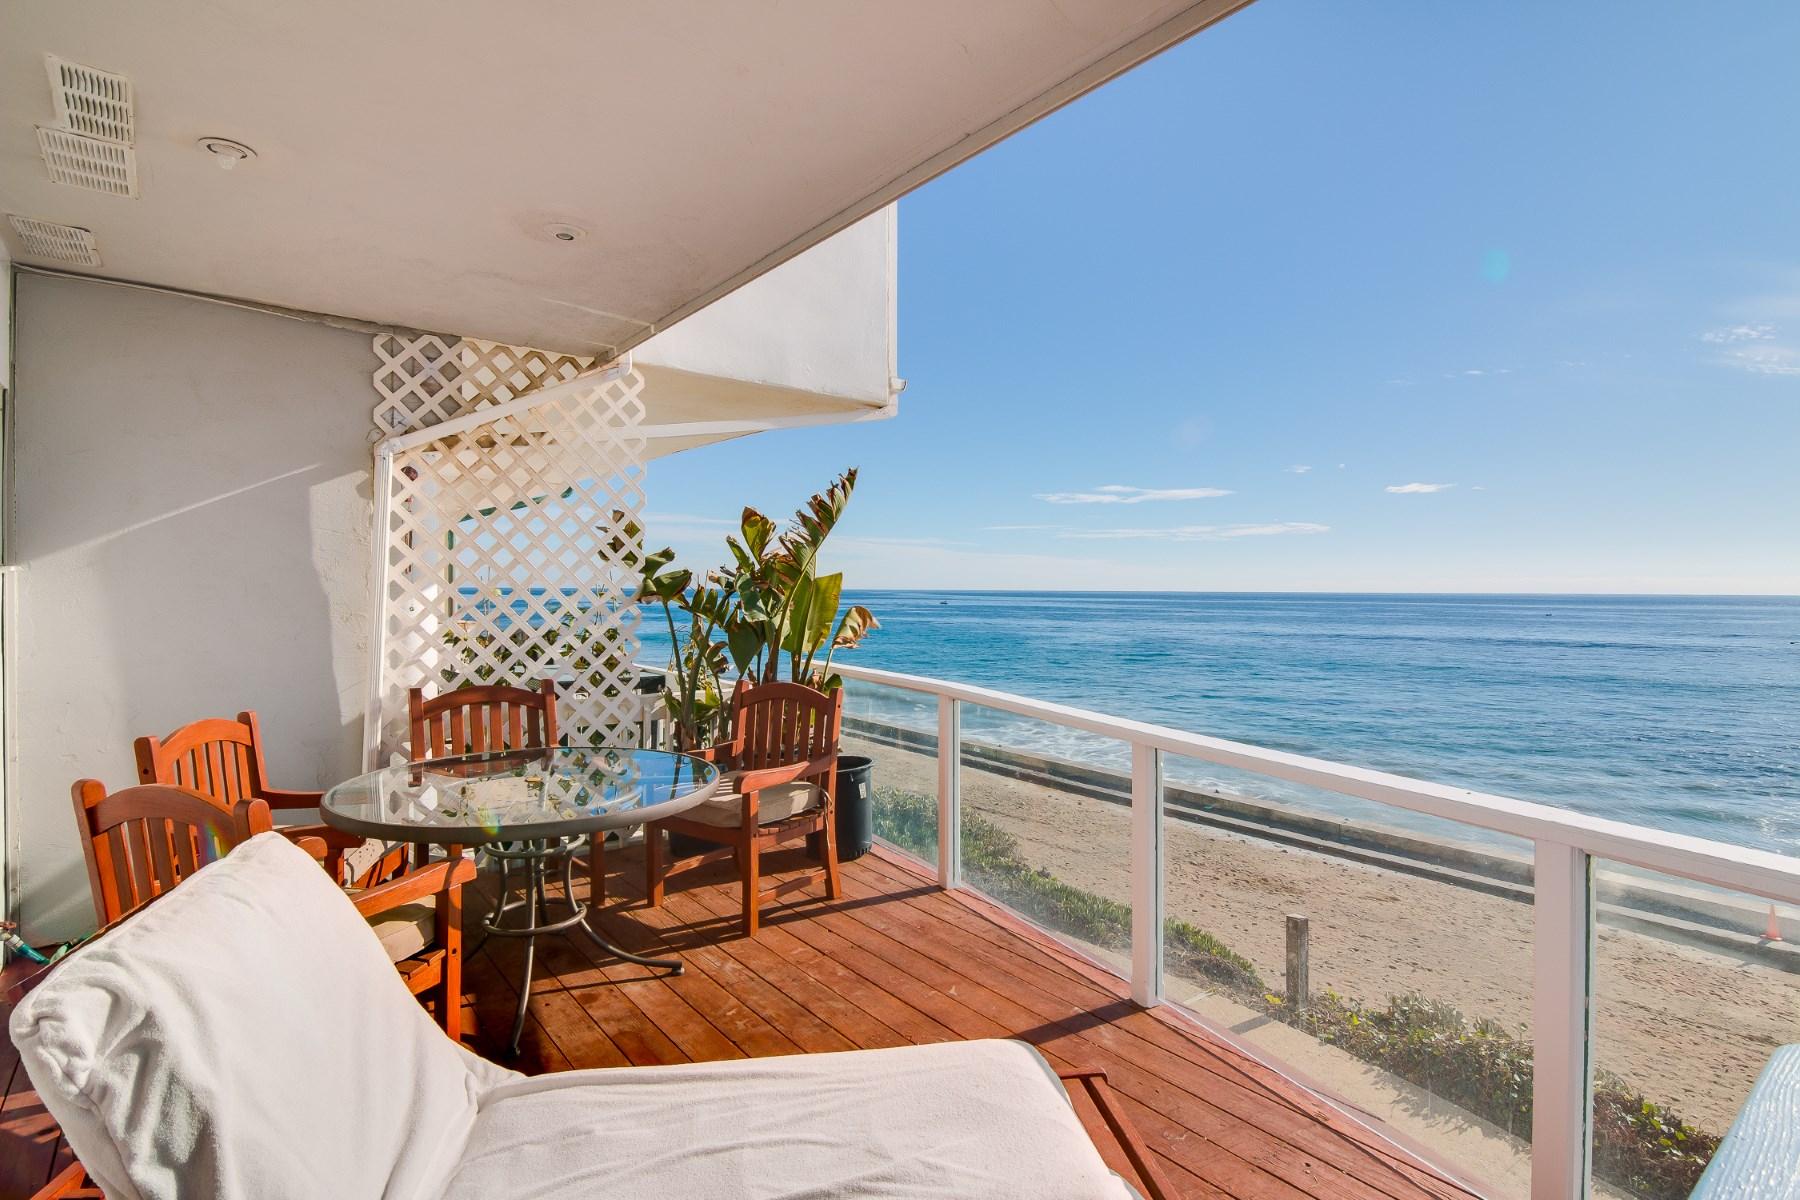 Moradia para Arrendamento às Malibu Beach Front 11876 Beach Club Way Malibu, Califórnia, 90265 Estados Unidos